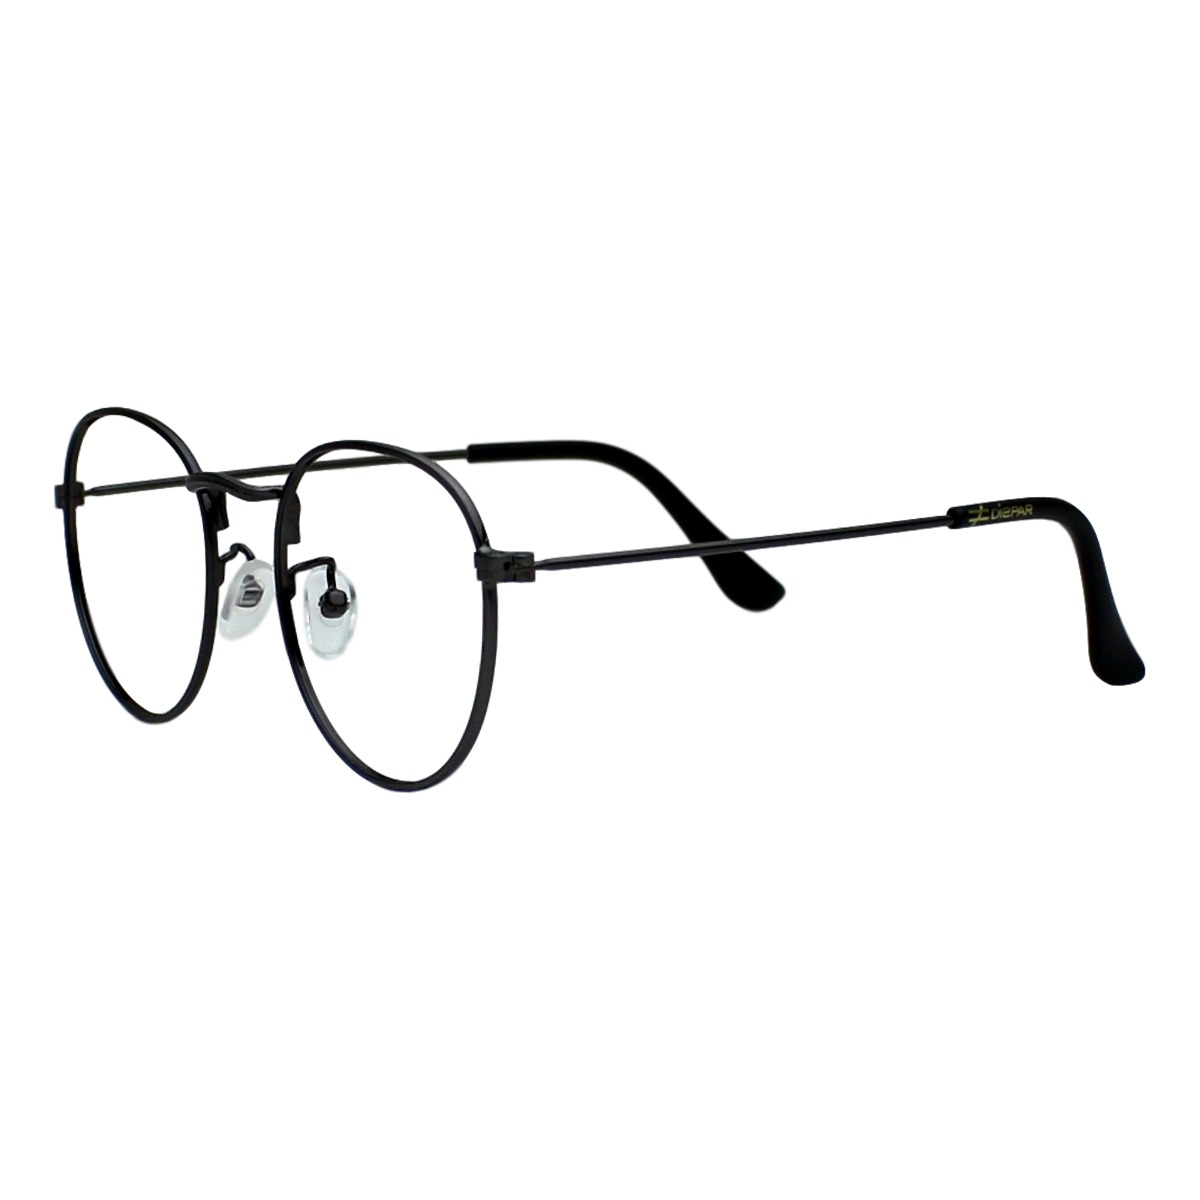 cbc998c120286 armação para óculos díspar d1647 chumbo. Carregando zoom.